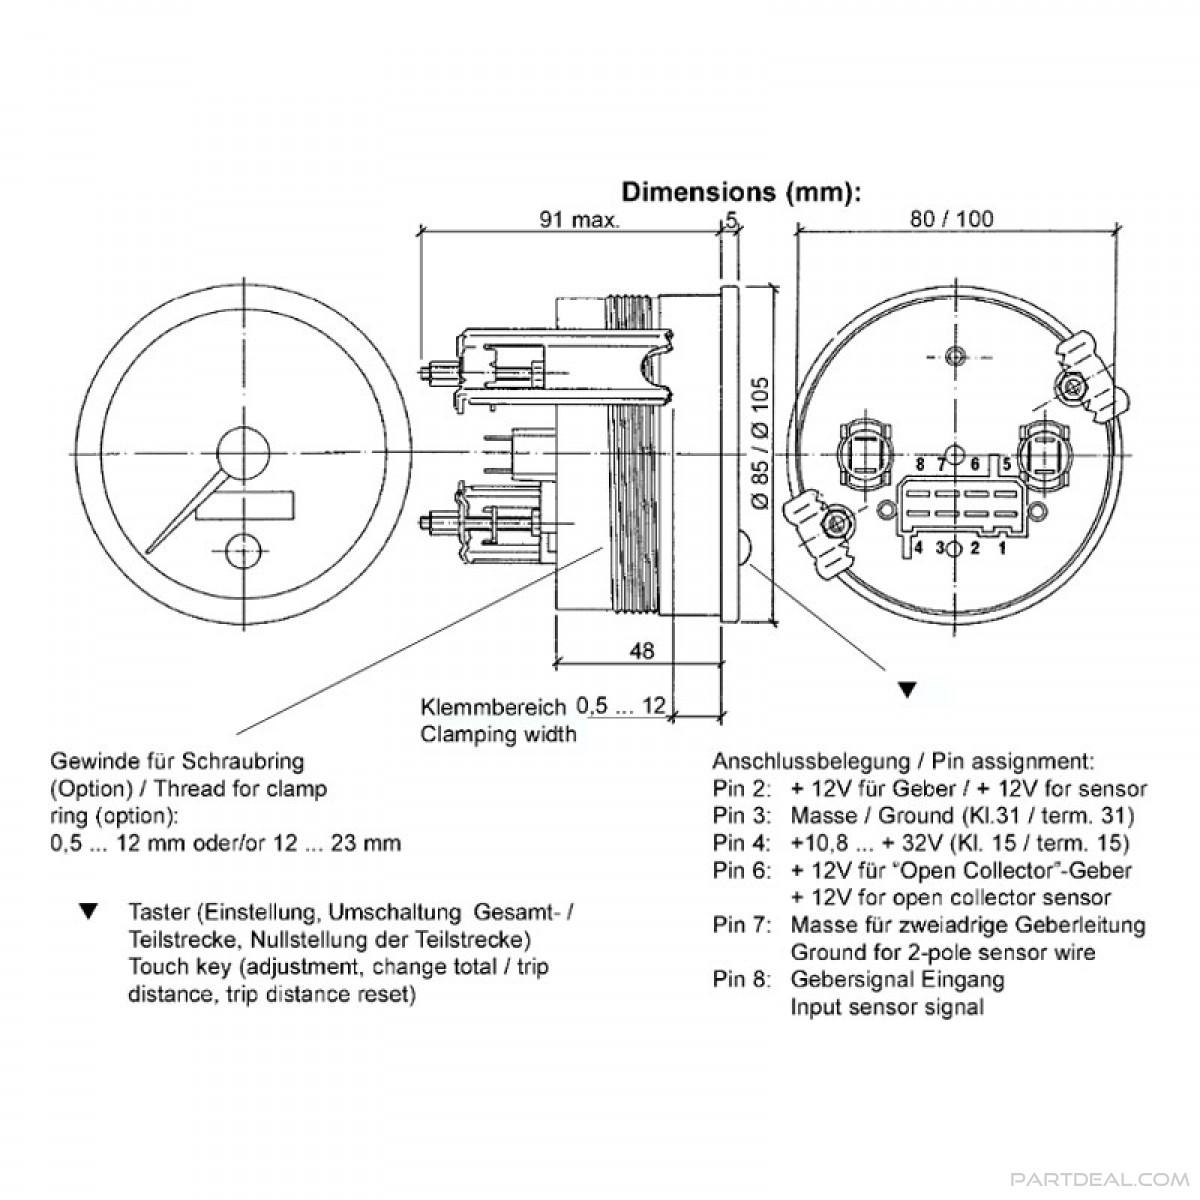 Vdo Tachometer Wiring Diagram 4000 Wiring Diagram Ke Controller Installation Control 2006cruisers Yenpancane Jeanjaures37 Fr